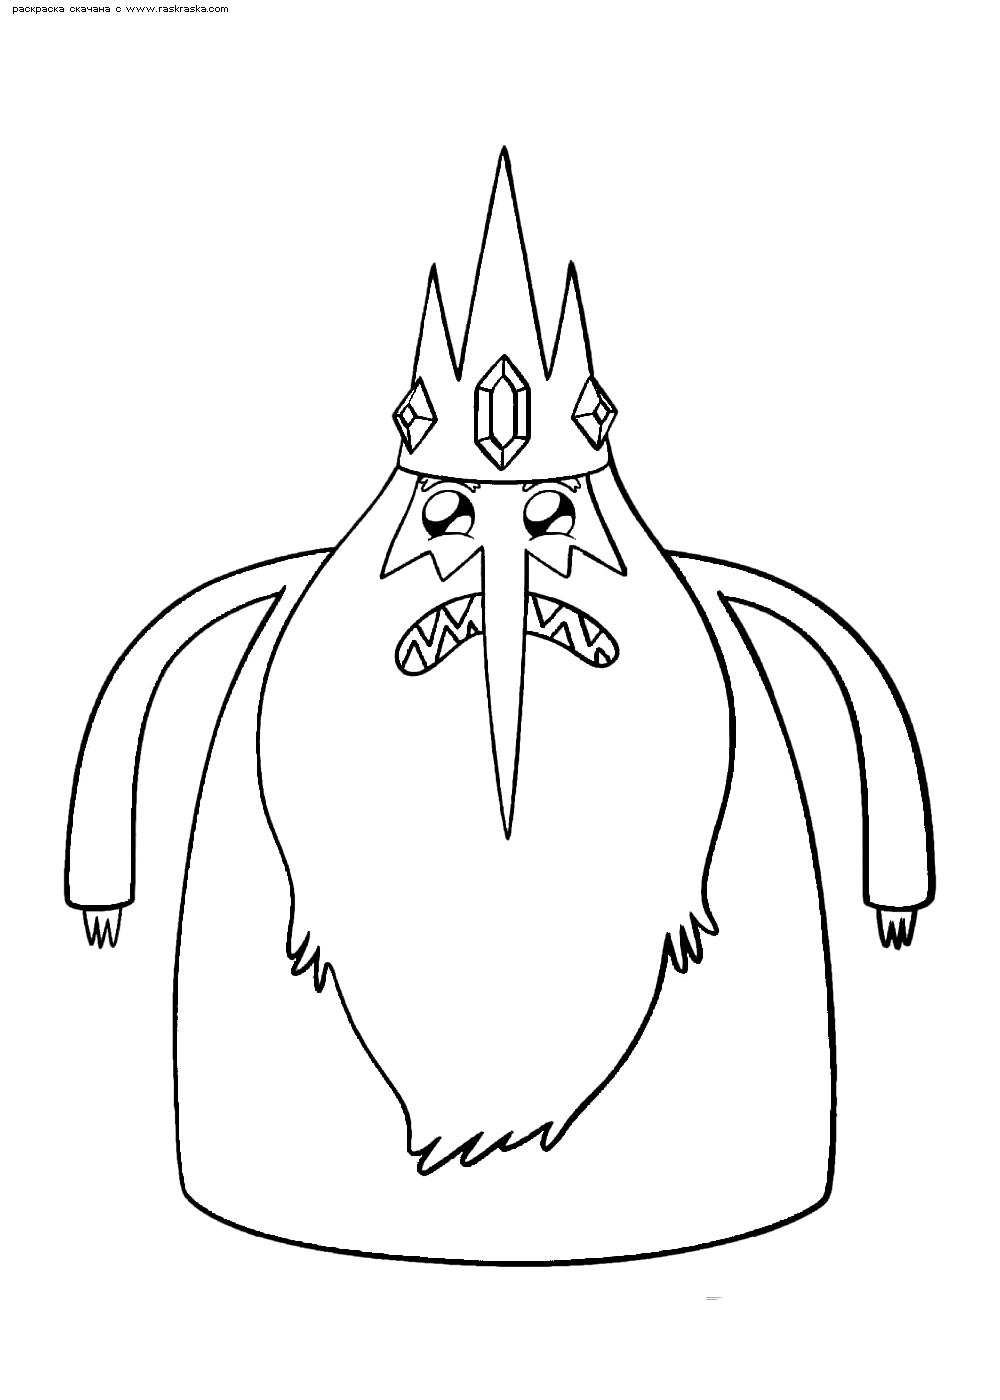 Раскраска Ледяной Король. Раскраска Снежный Король, мультфильм Время приключений